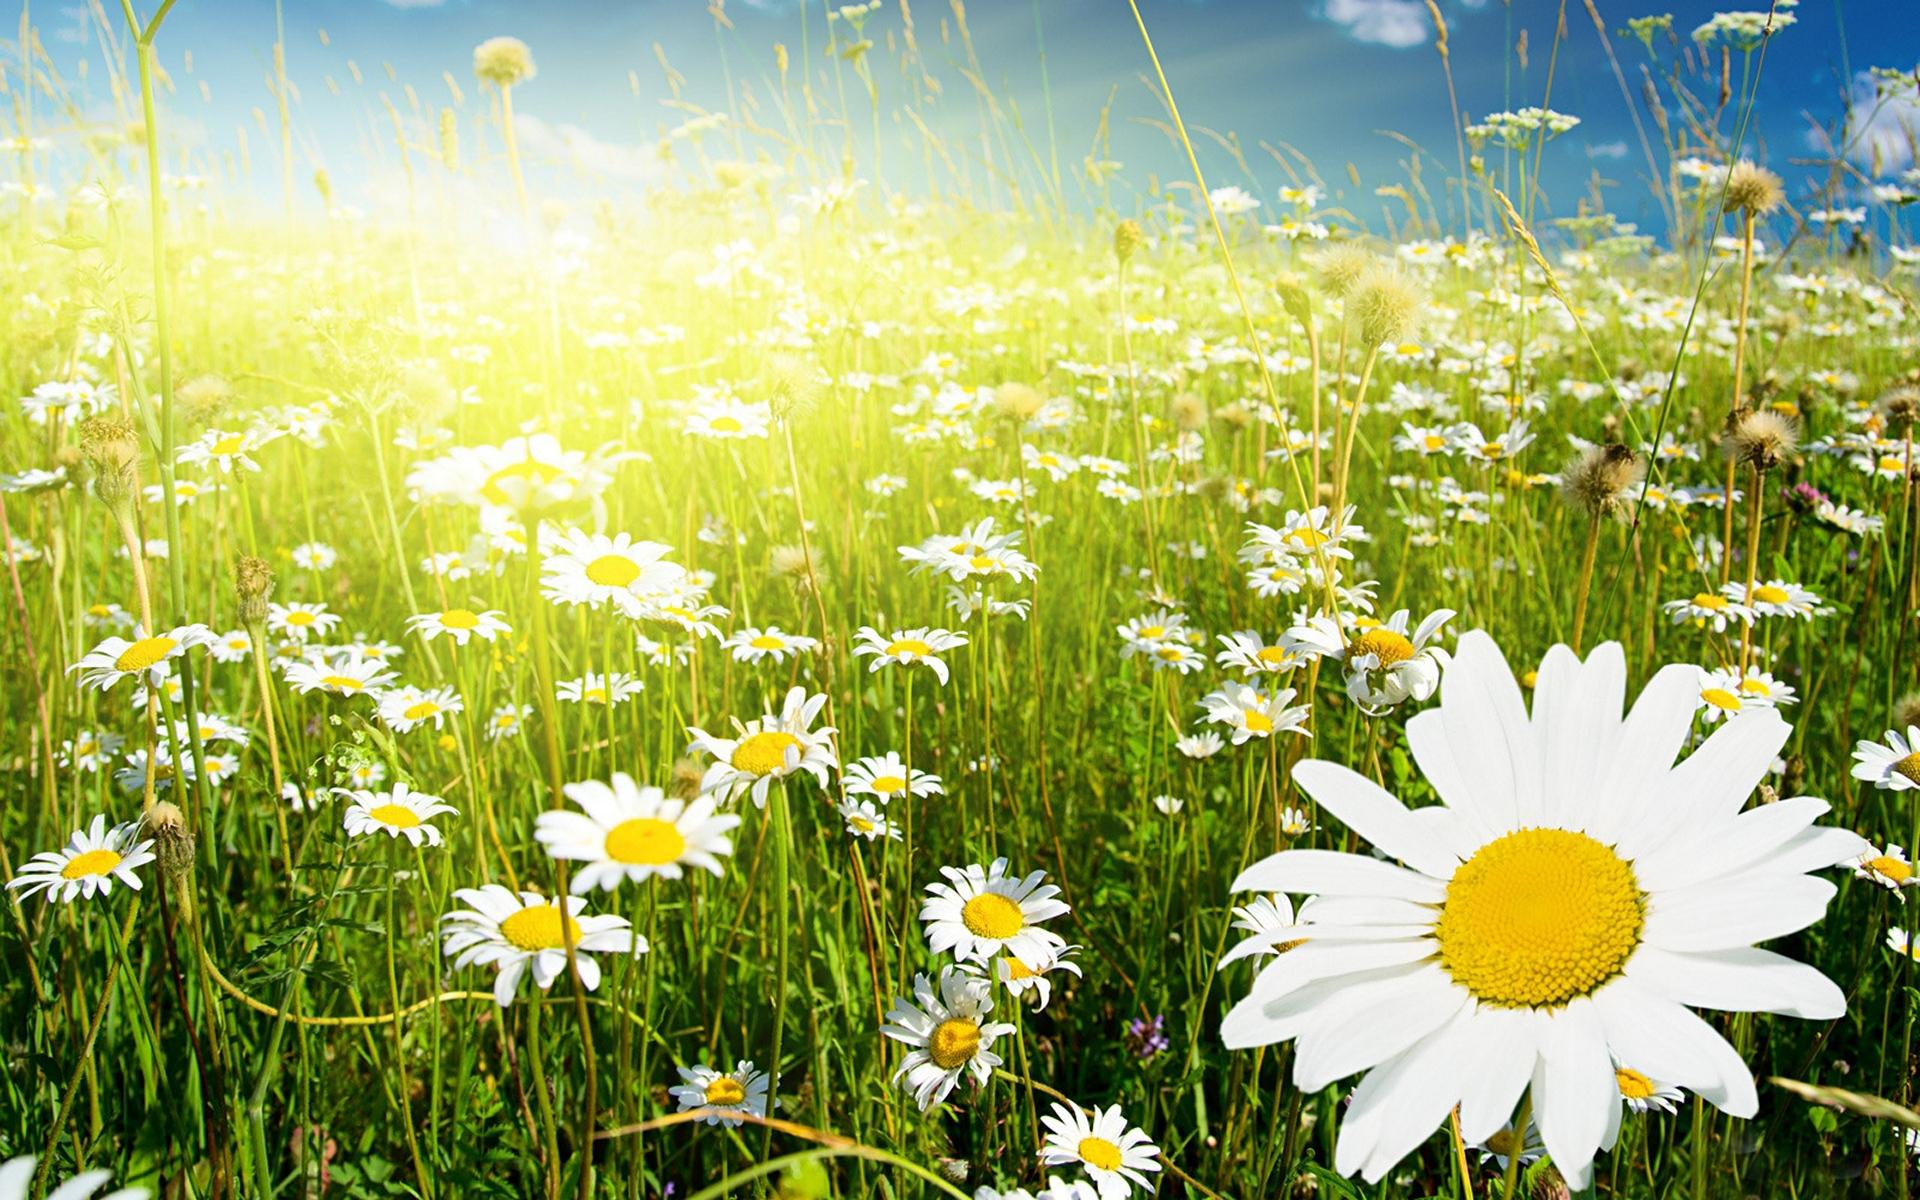 фото лето цветы и солнце текст родном языке